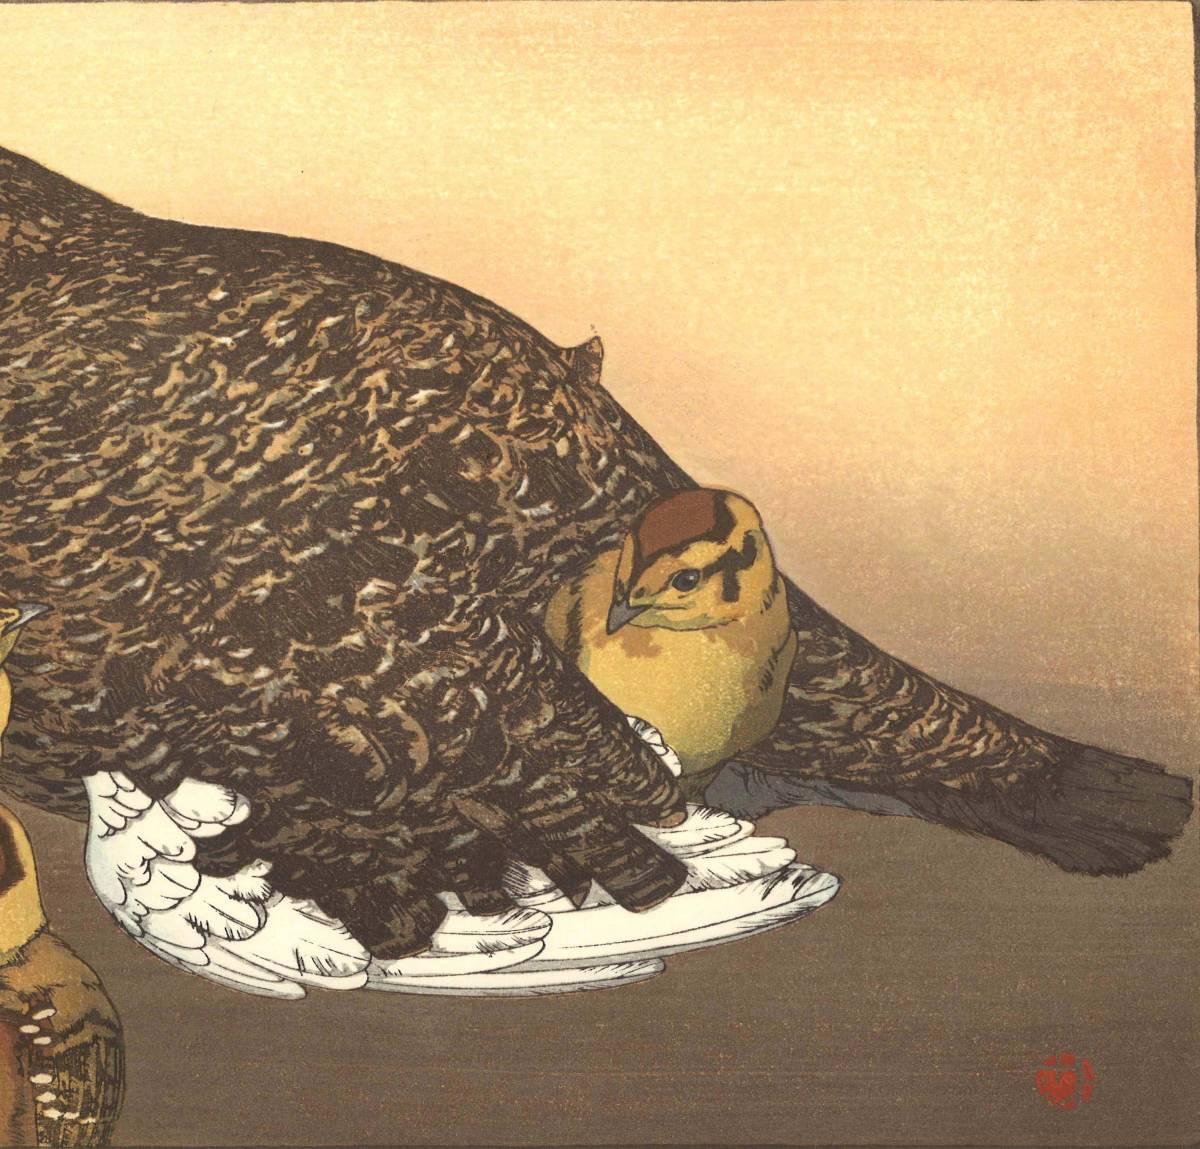 吉田遠志 木版画 013001 雷鳥 (Raicho) 初摺1930年 初期の頃の作品!!  最高峰の摺師の技をご堪能下さい!!_画像7